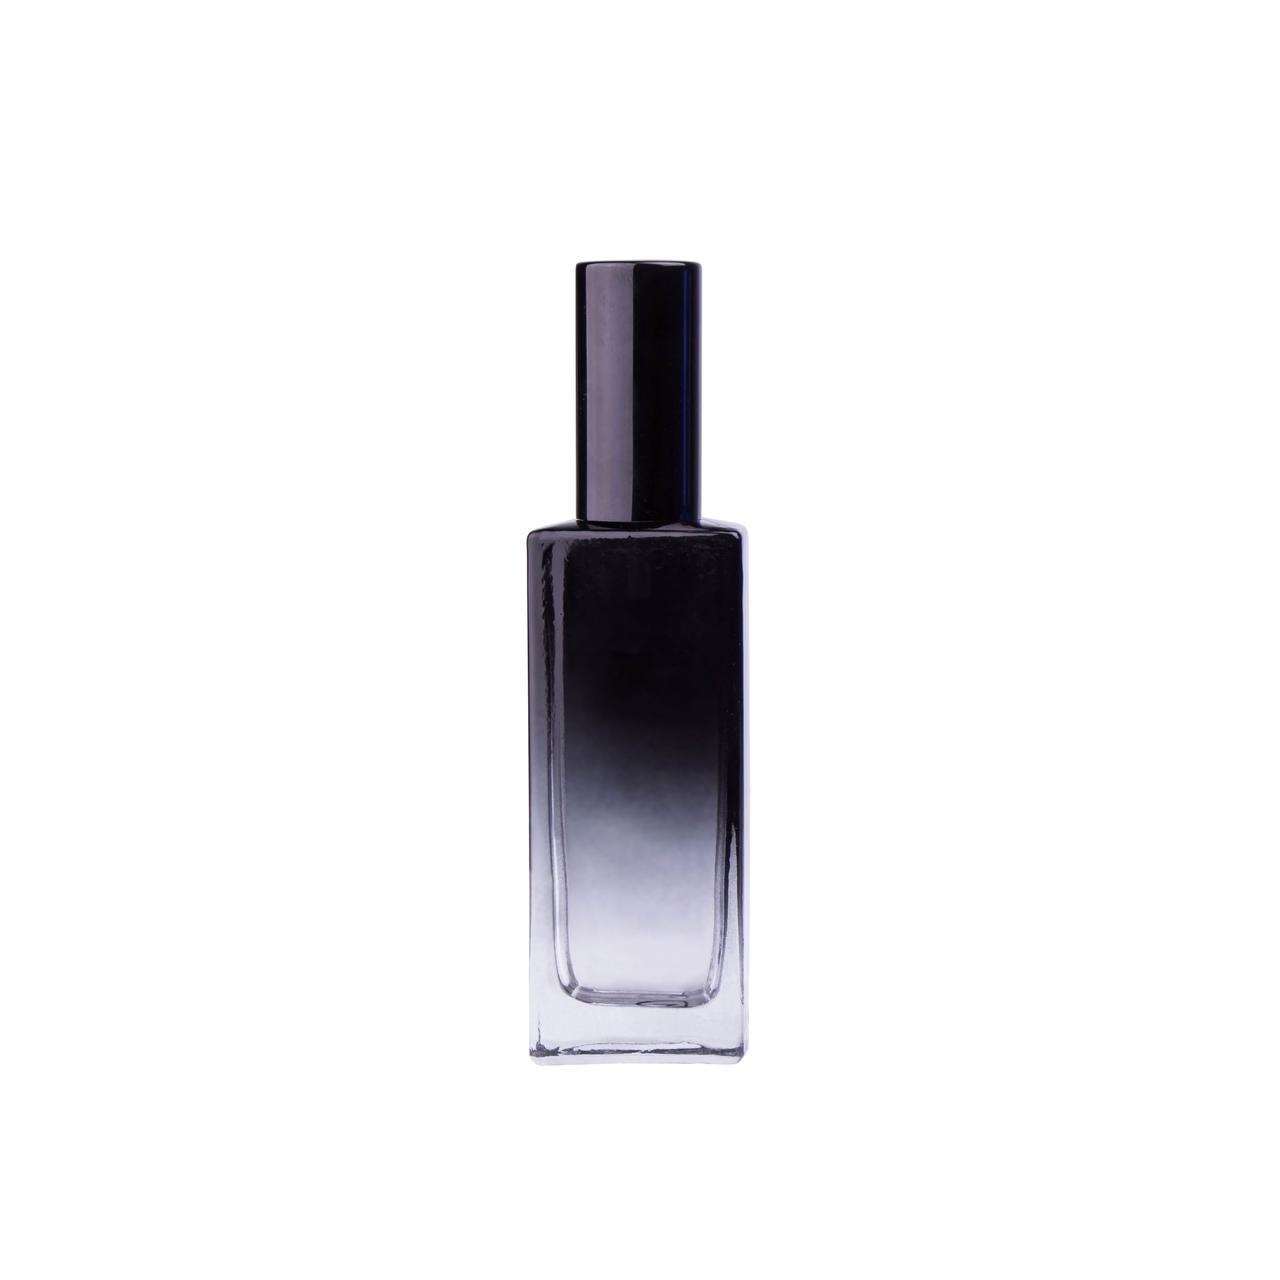 ЧЕРНЫЙ Флакон для парфюмерии БАККАРА 50 мл. с металлическим спреем ЧЕРНЫМ